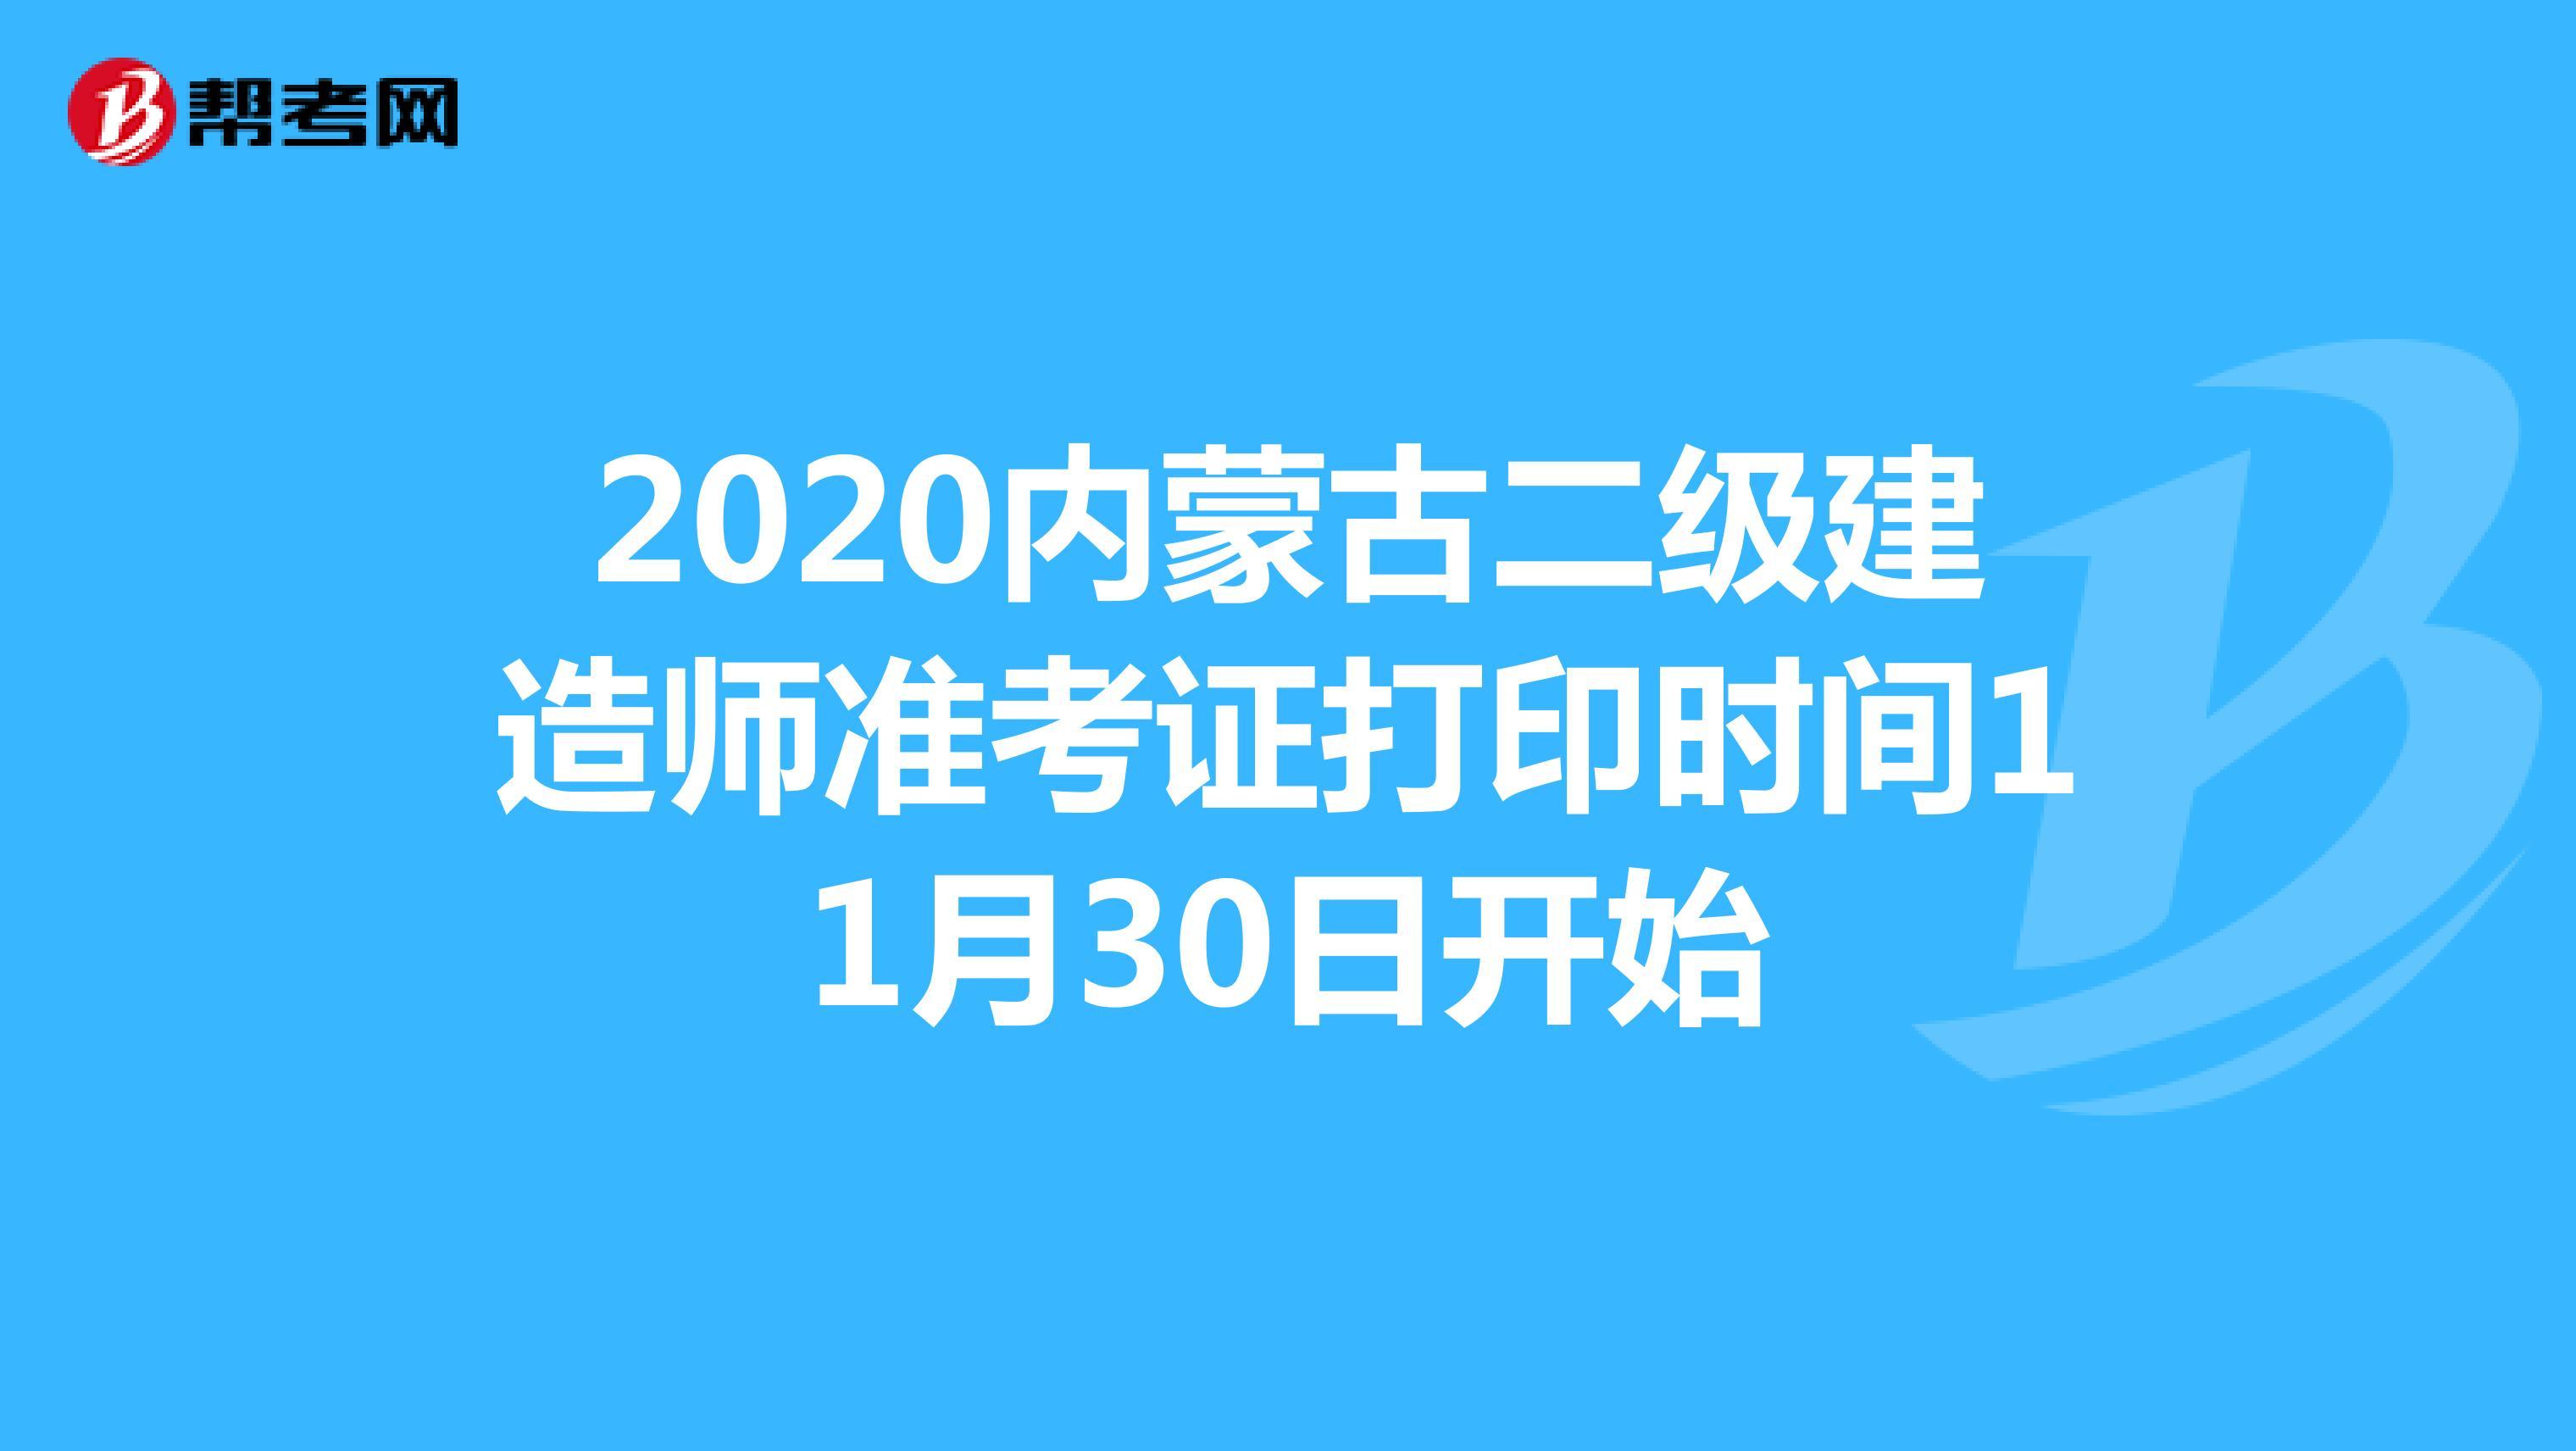 2020内蒙古竞技首页雷火雷火时间11月30日开始